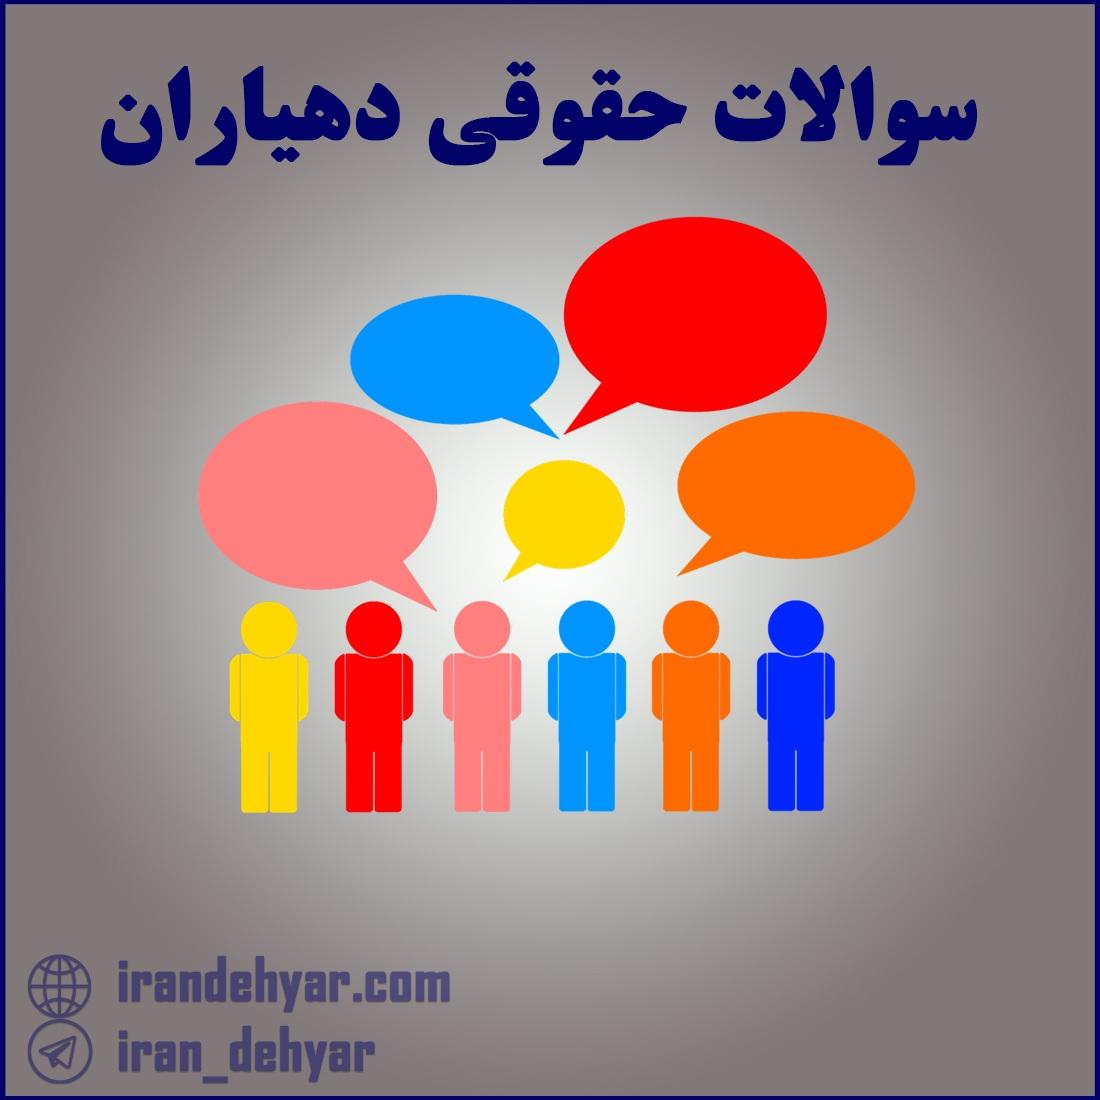 سوالات حقوقی دهیاران و شوراهای روستا